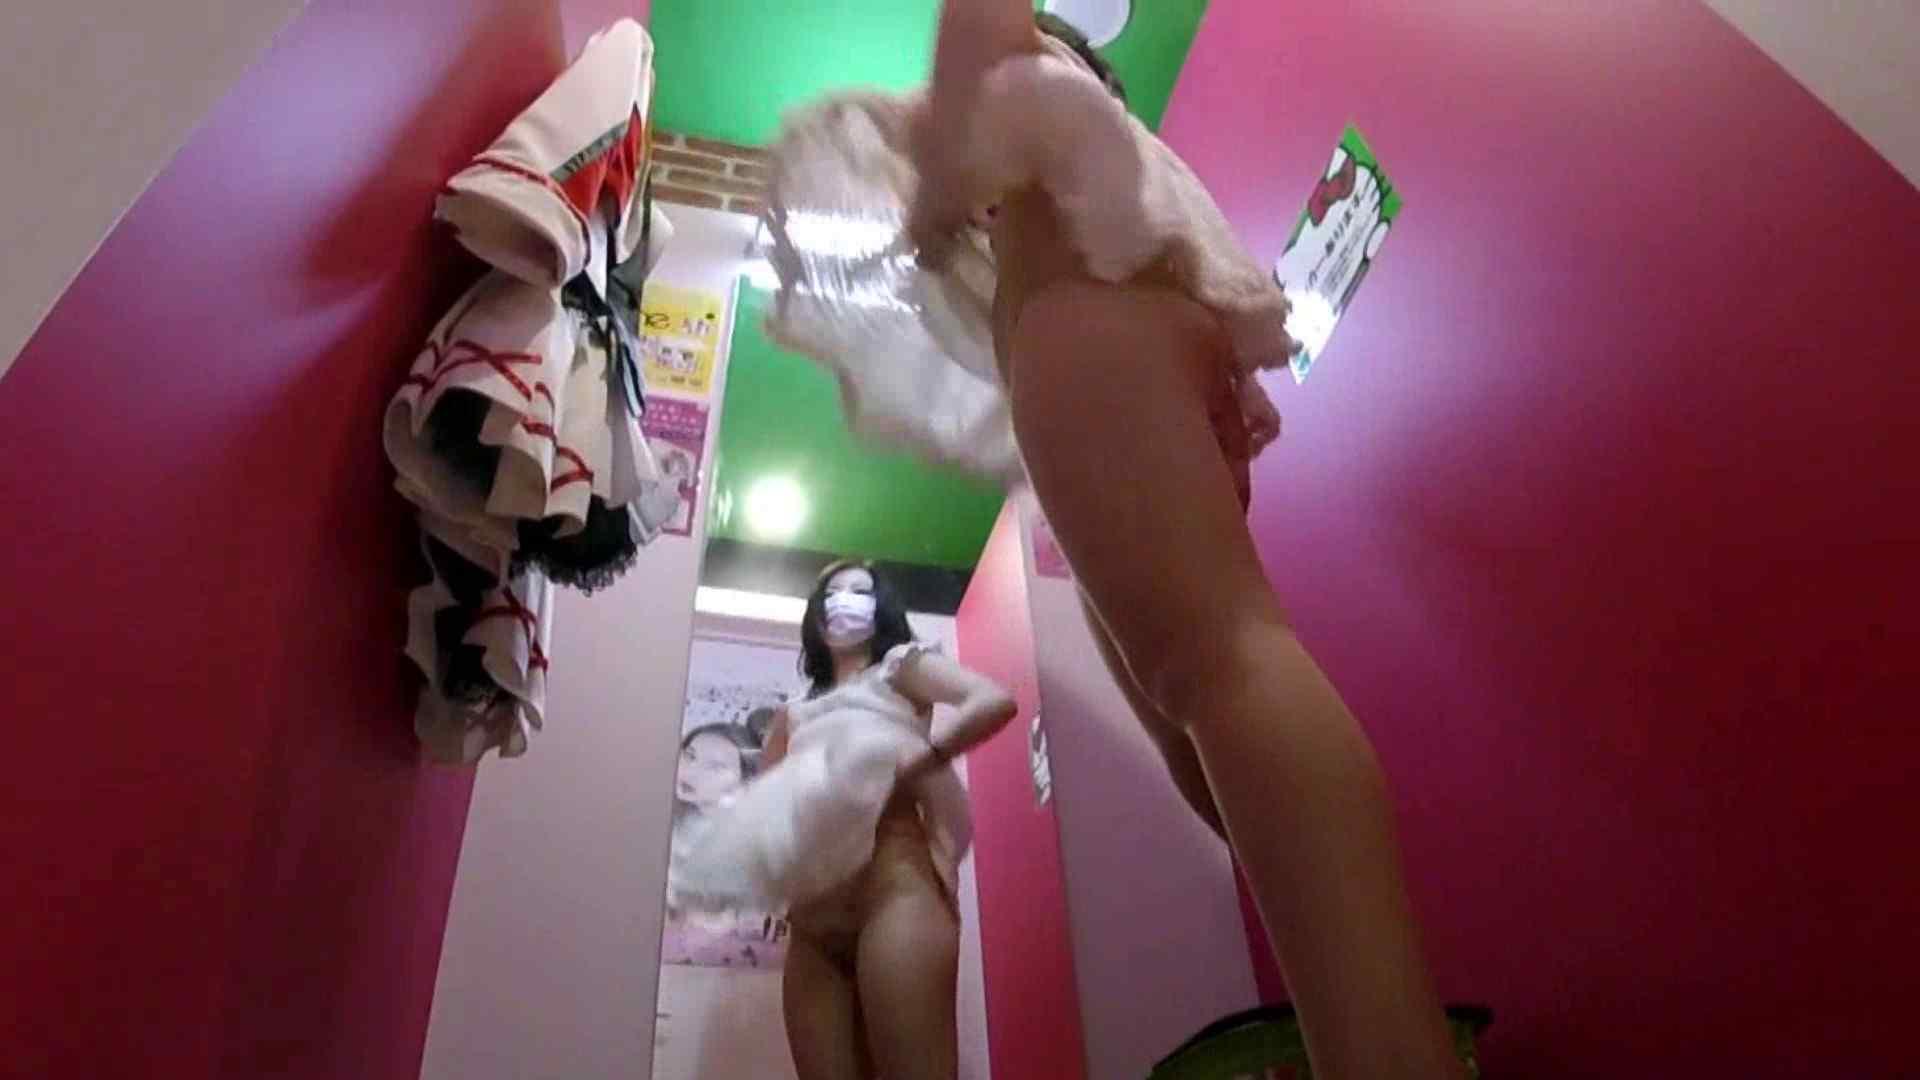 夢見る乙女の試着室 Vol.01 乙女のヌード すけべAV動画紹介 107画像 20